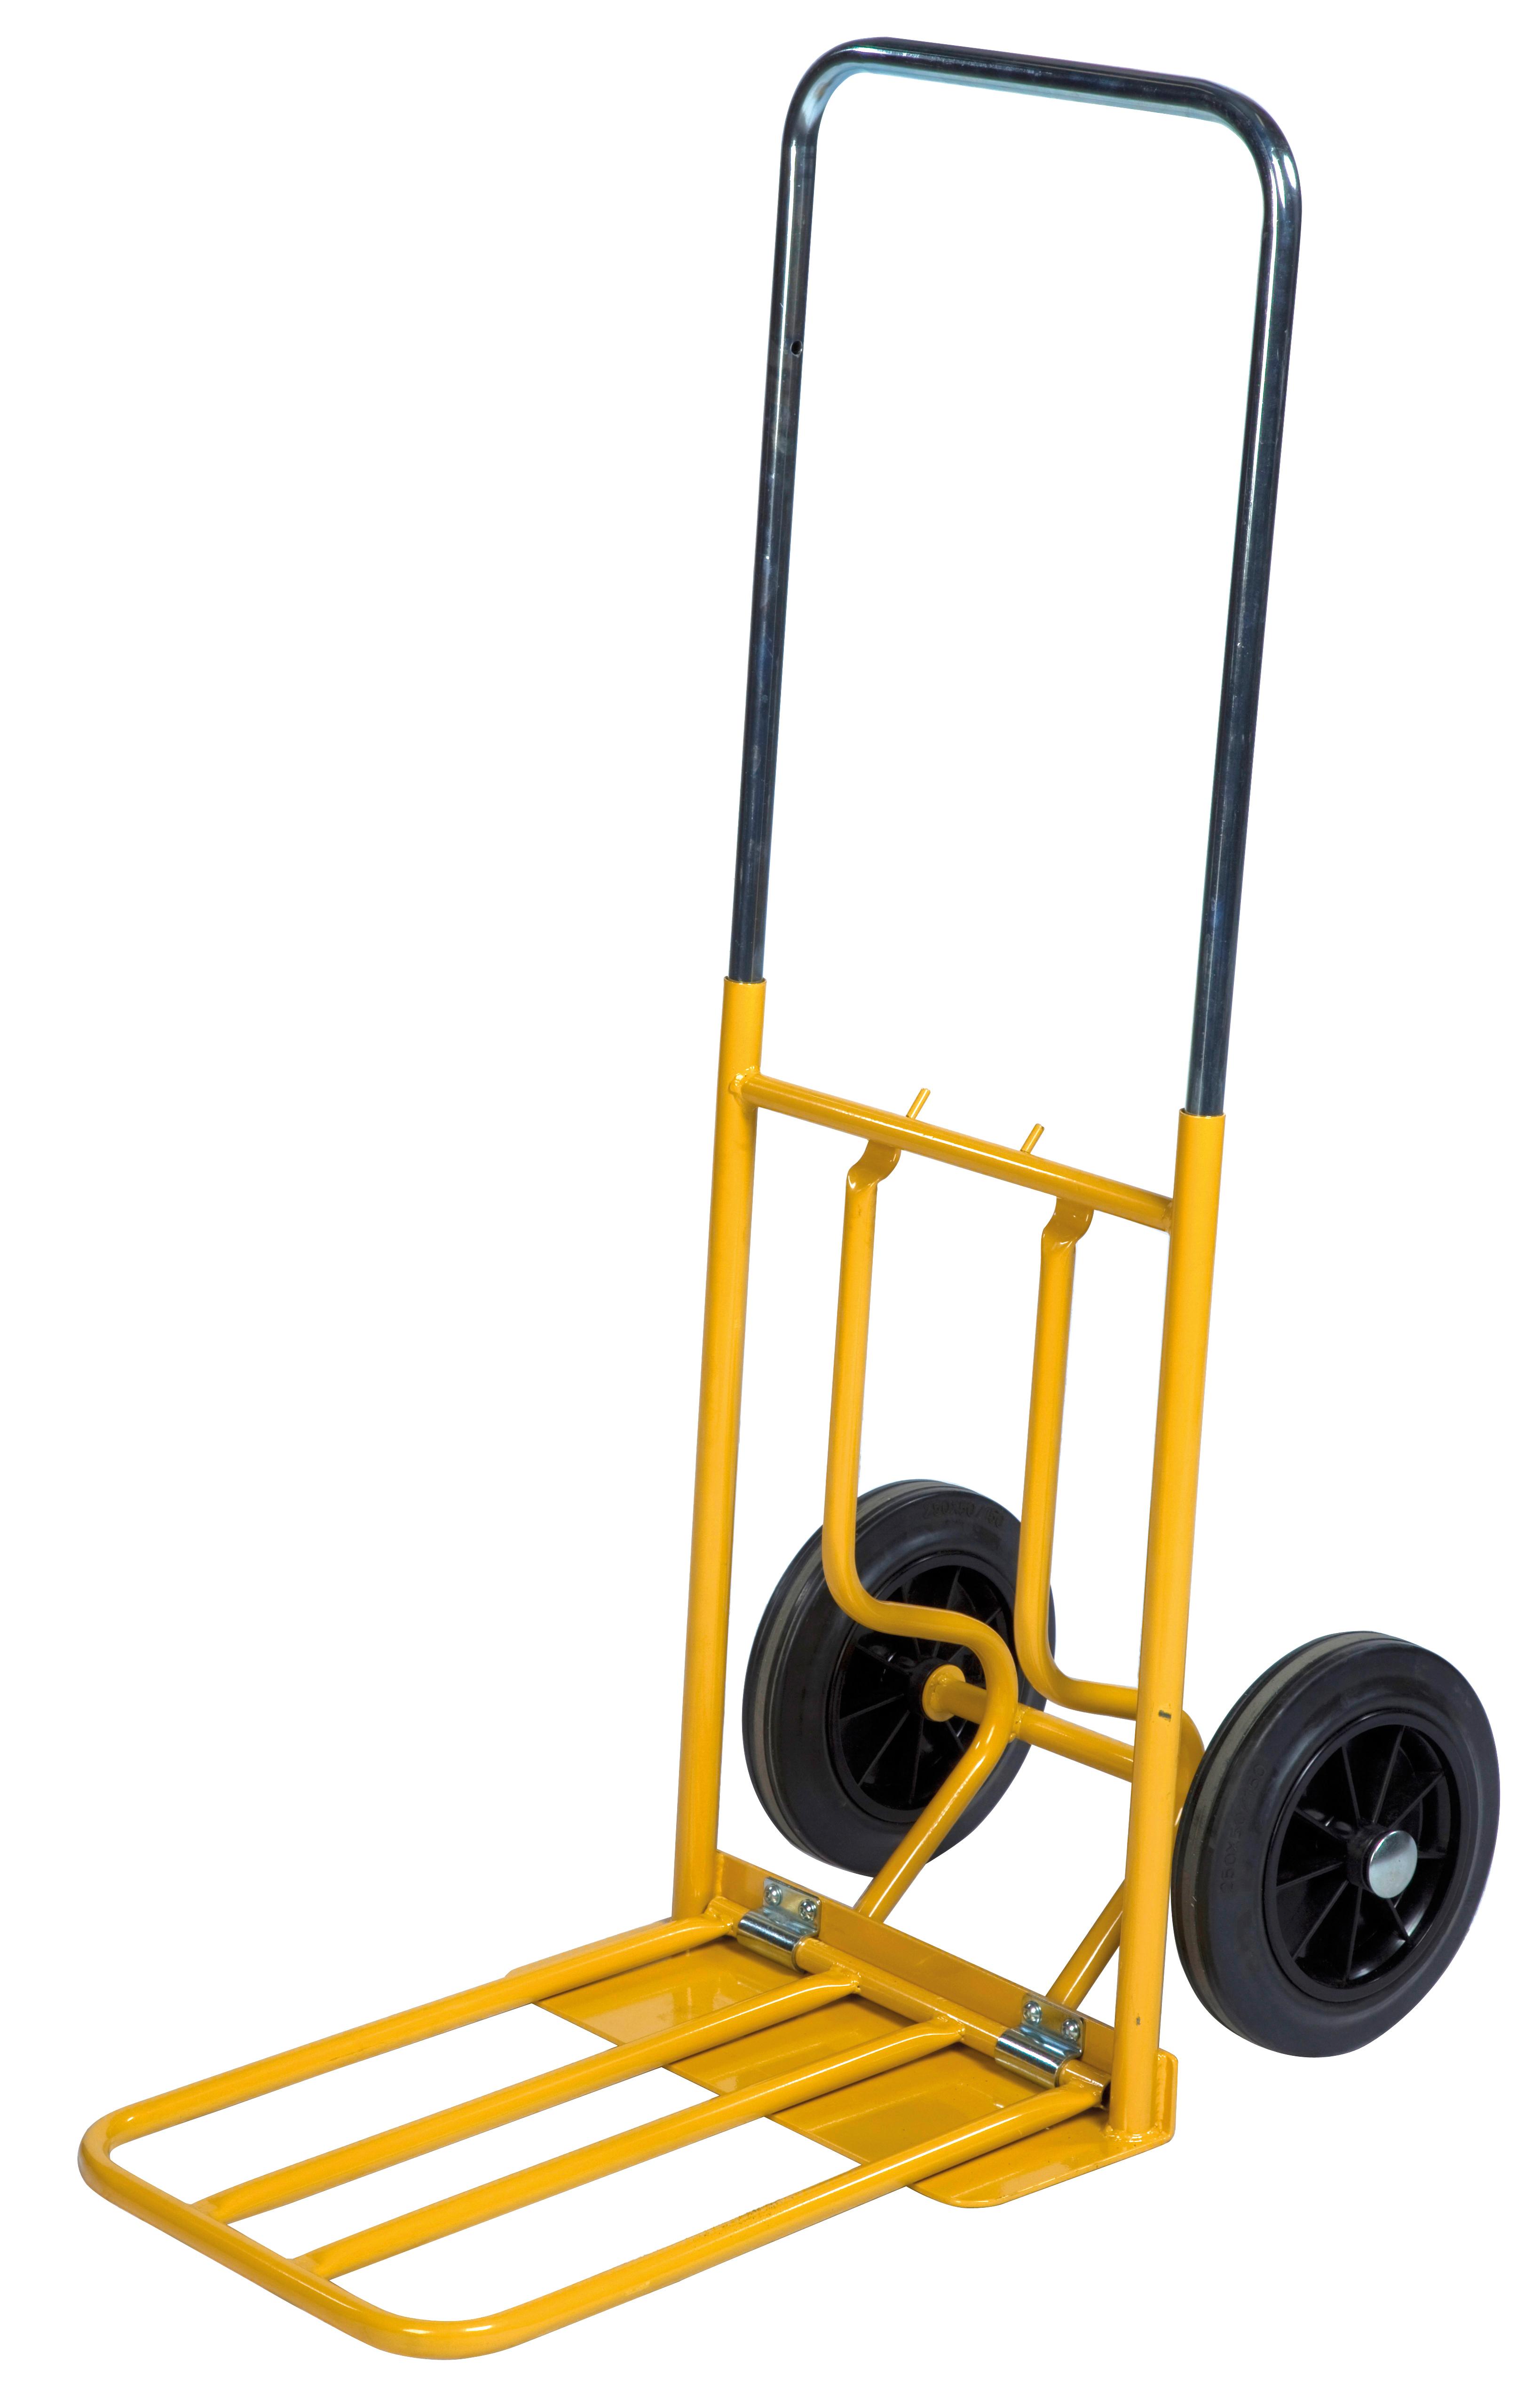 Luggage trolley  KM101